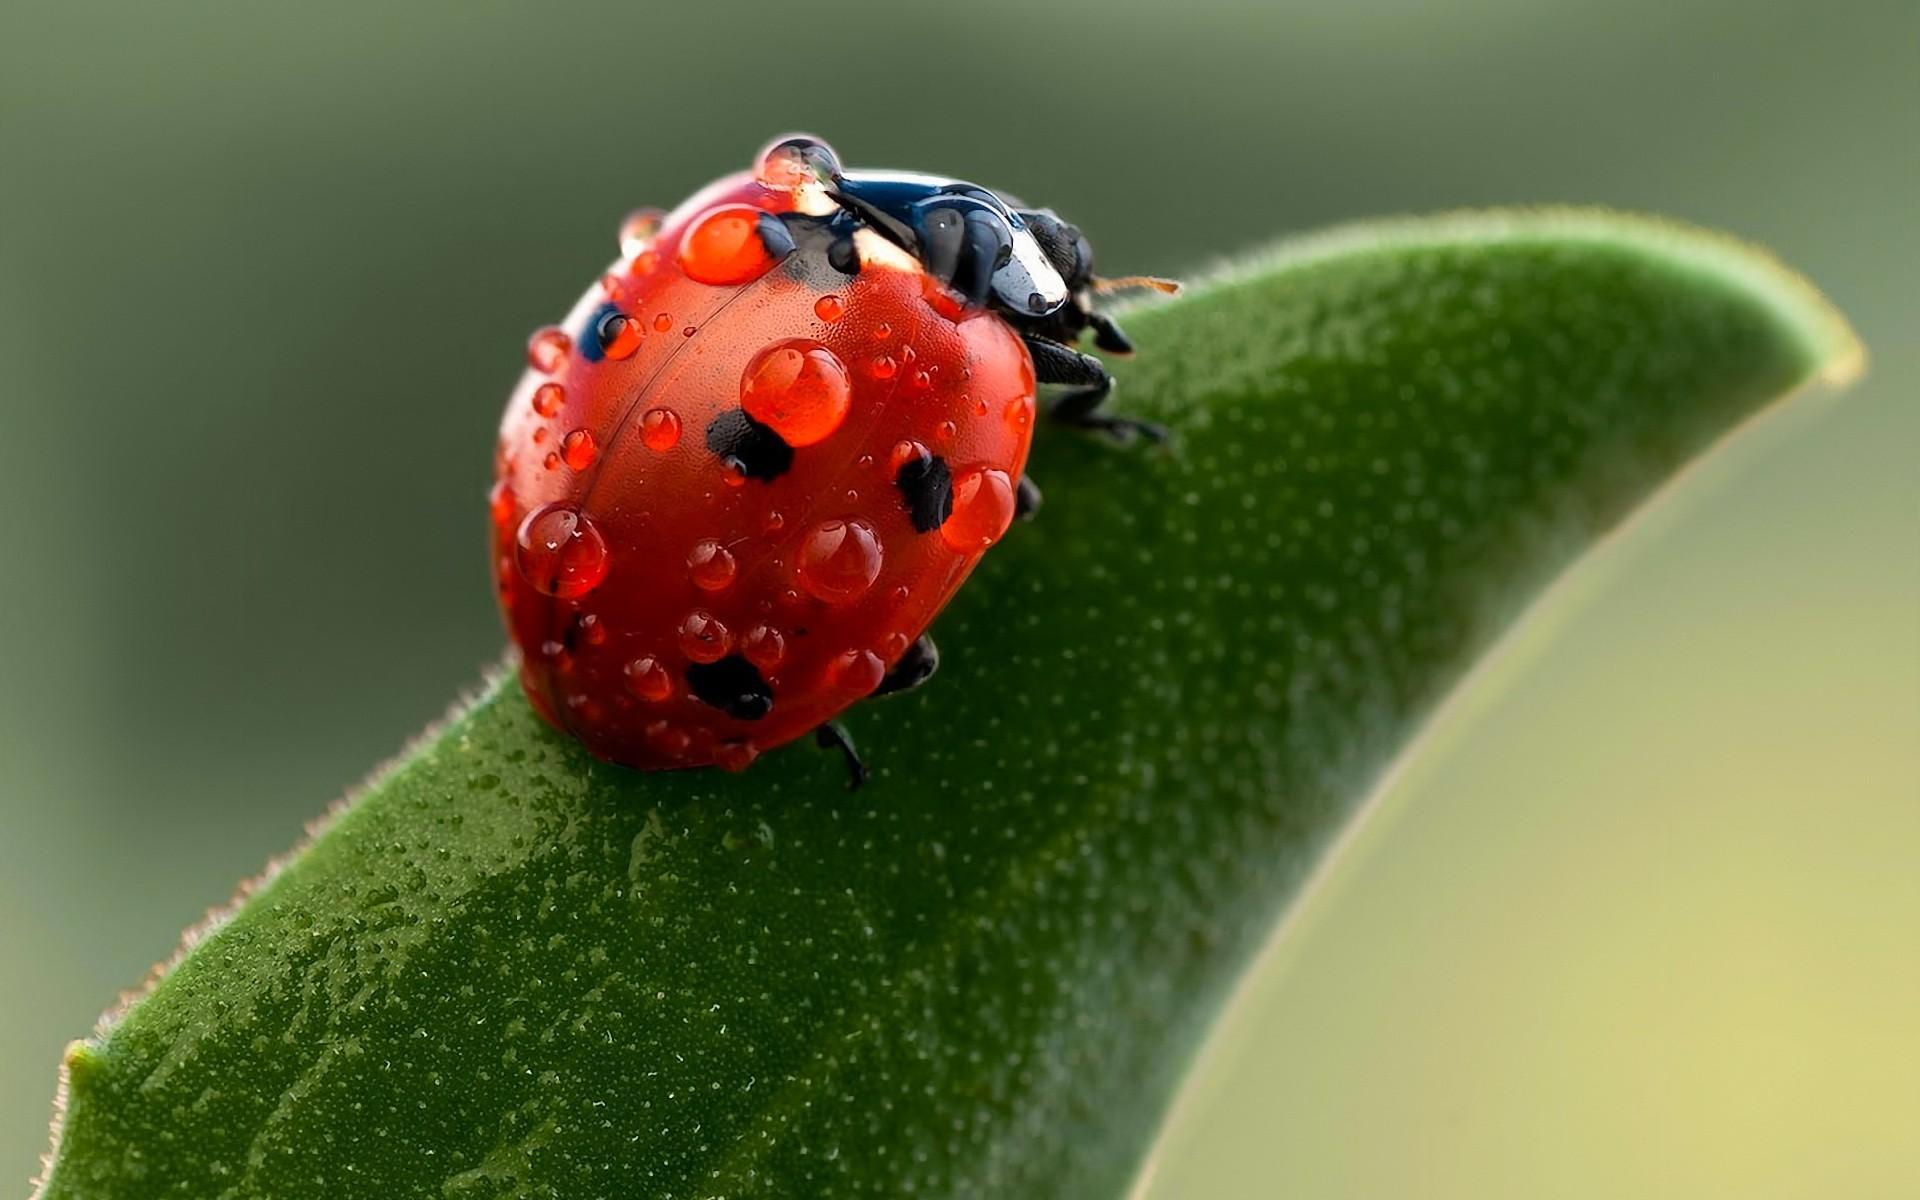 Ladybug-Macro-Photography